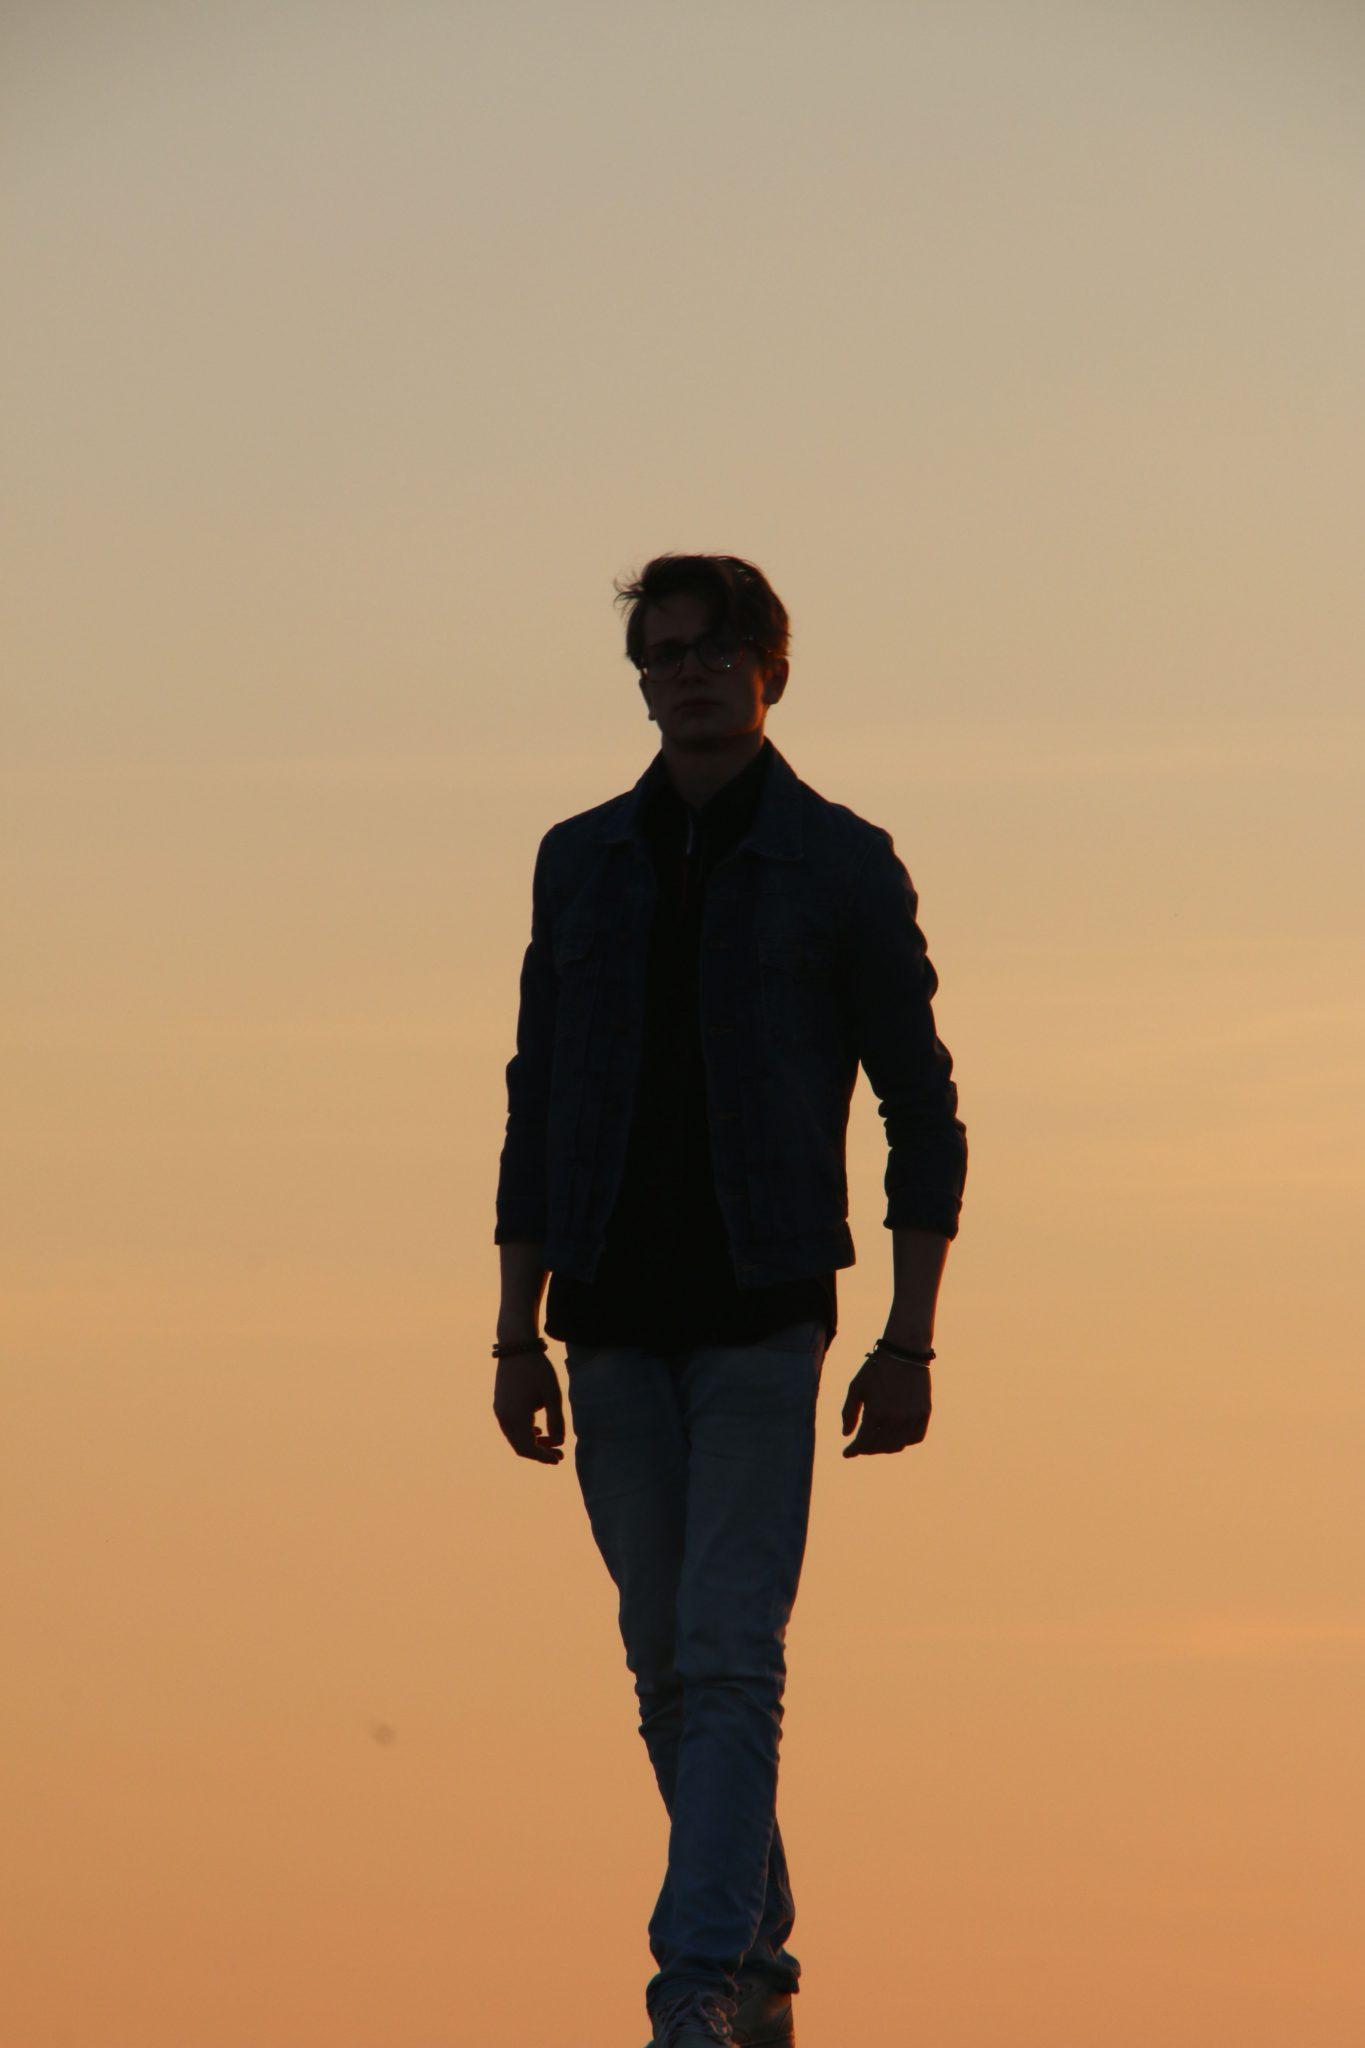 Anton Forsdik walk in sunset